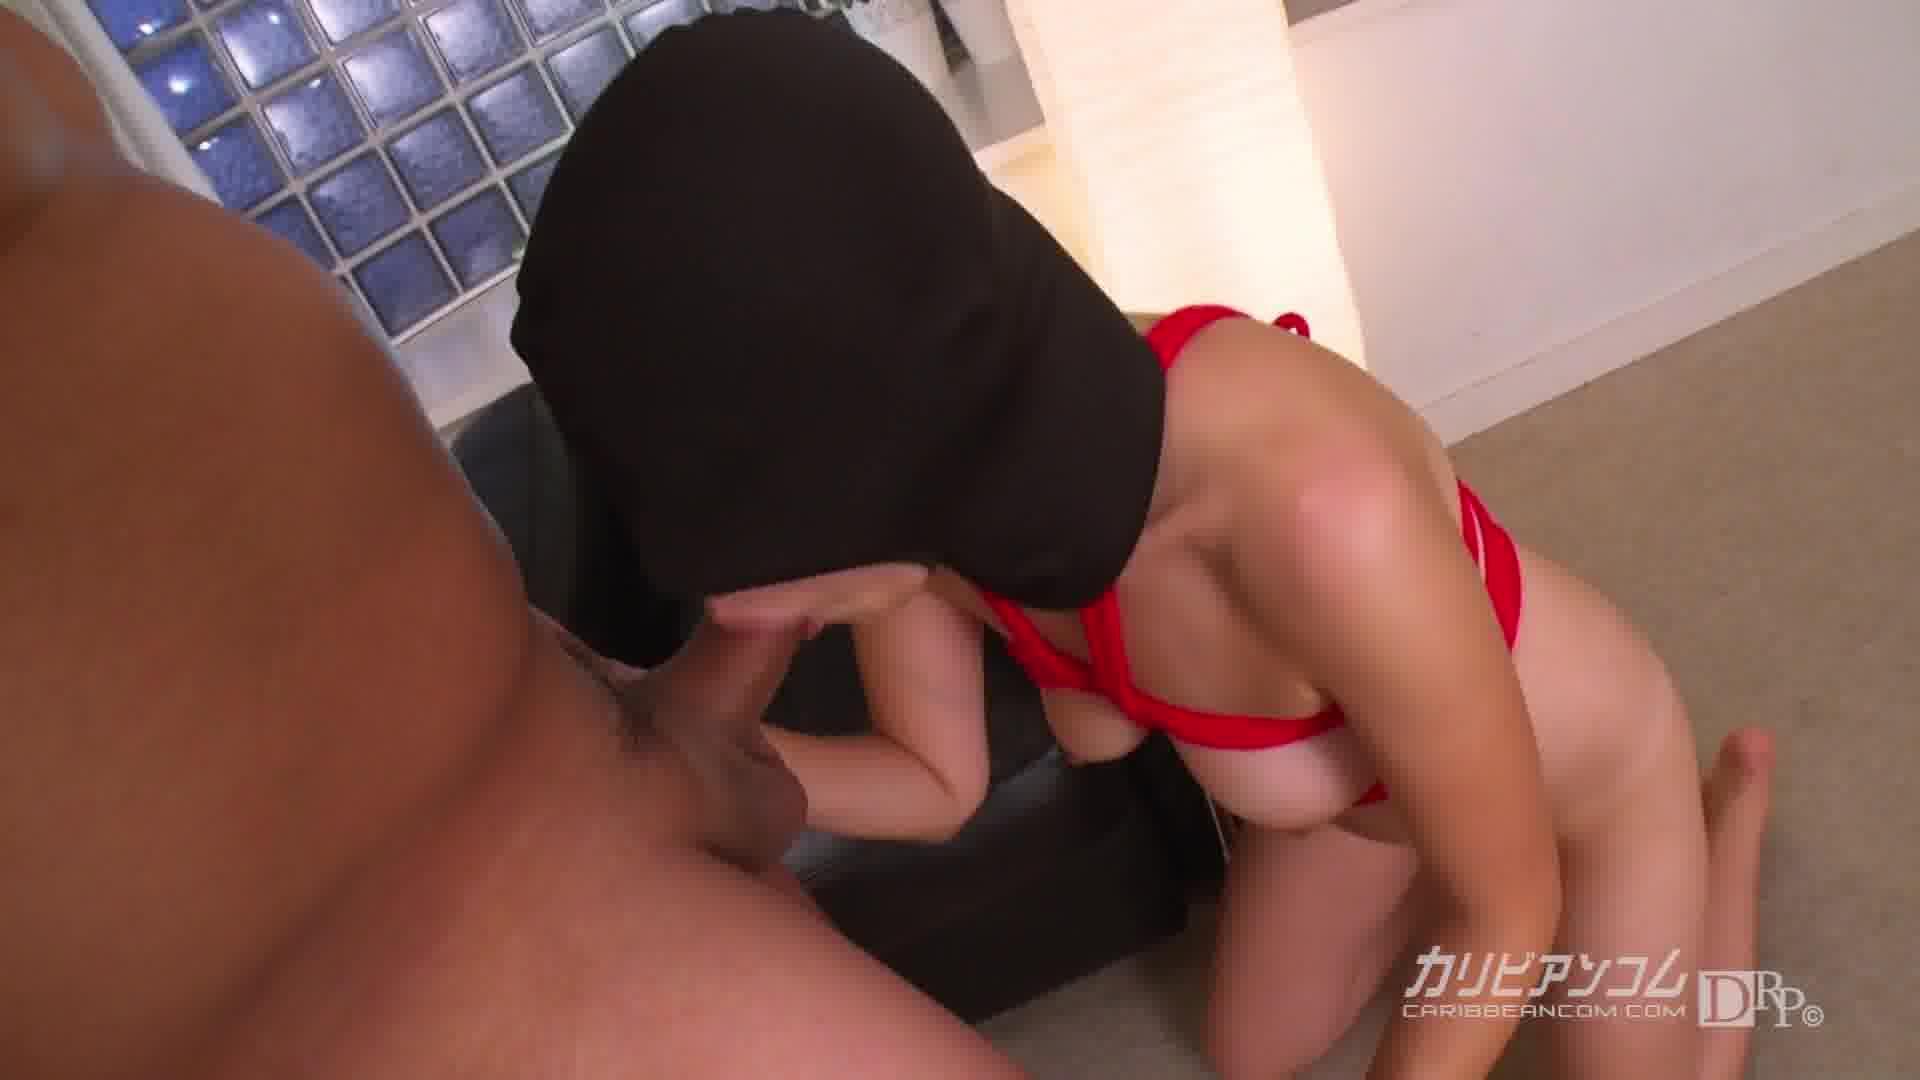 性欲処理マゾマスク ~卒業したはずなのにマスクをしてもう帰ってきた~ - 性欲処理マゾマスク 03号【コスプレ・パイズリ・3P】